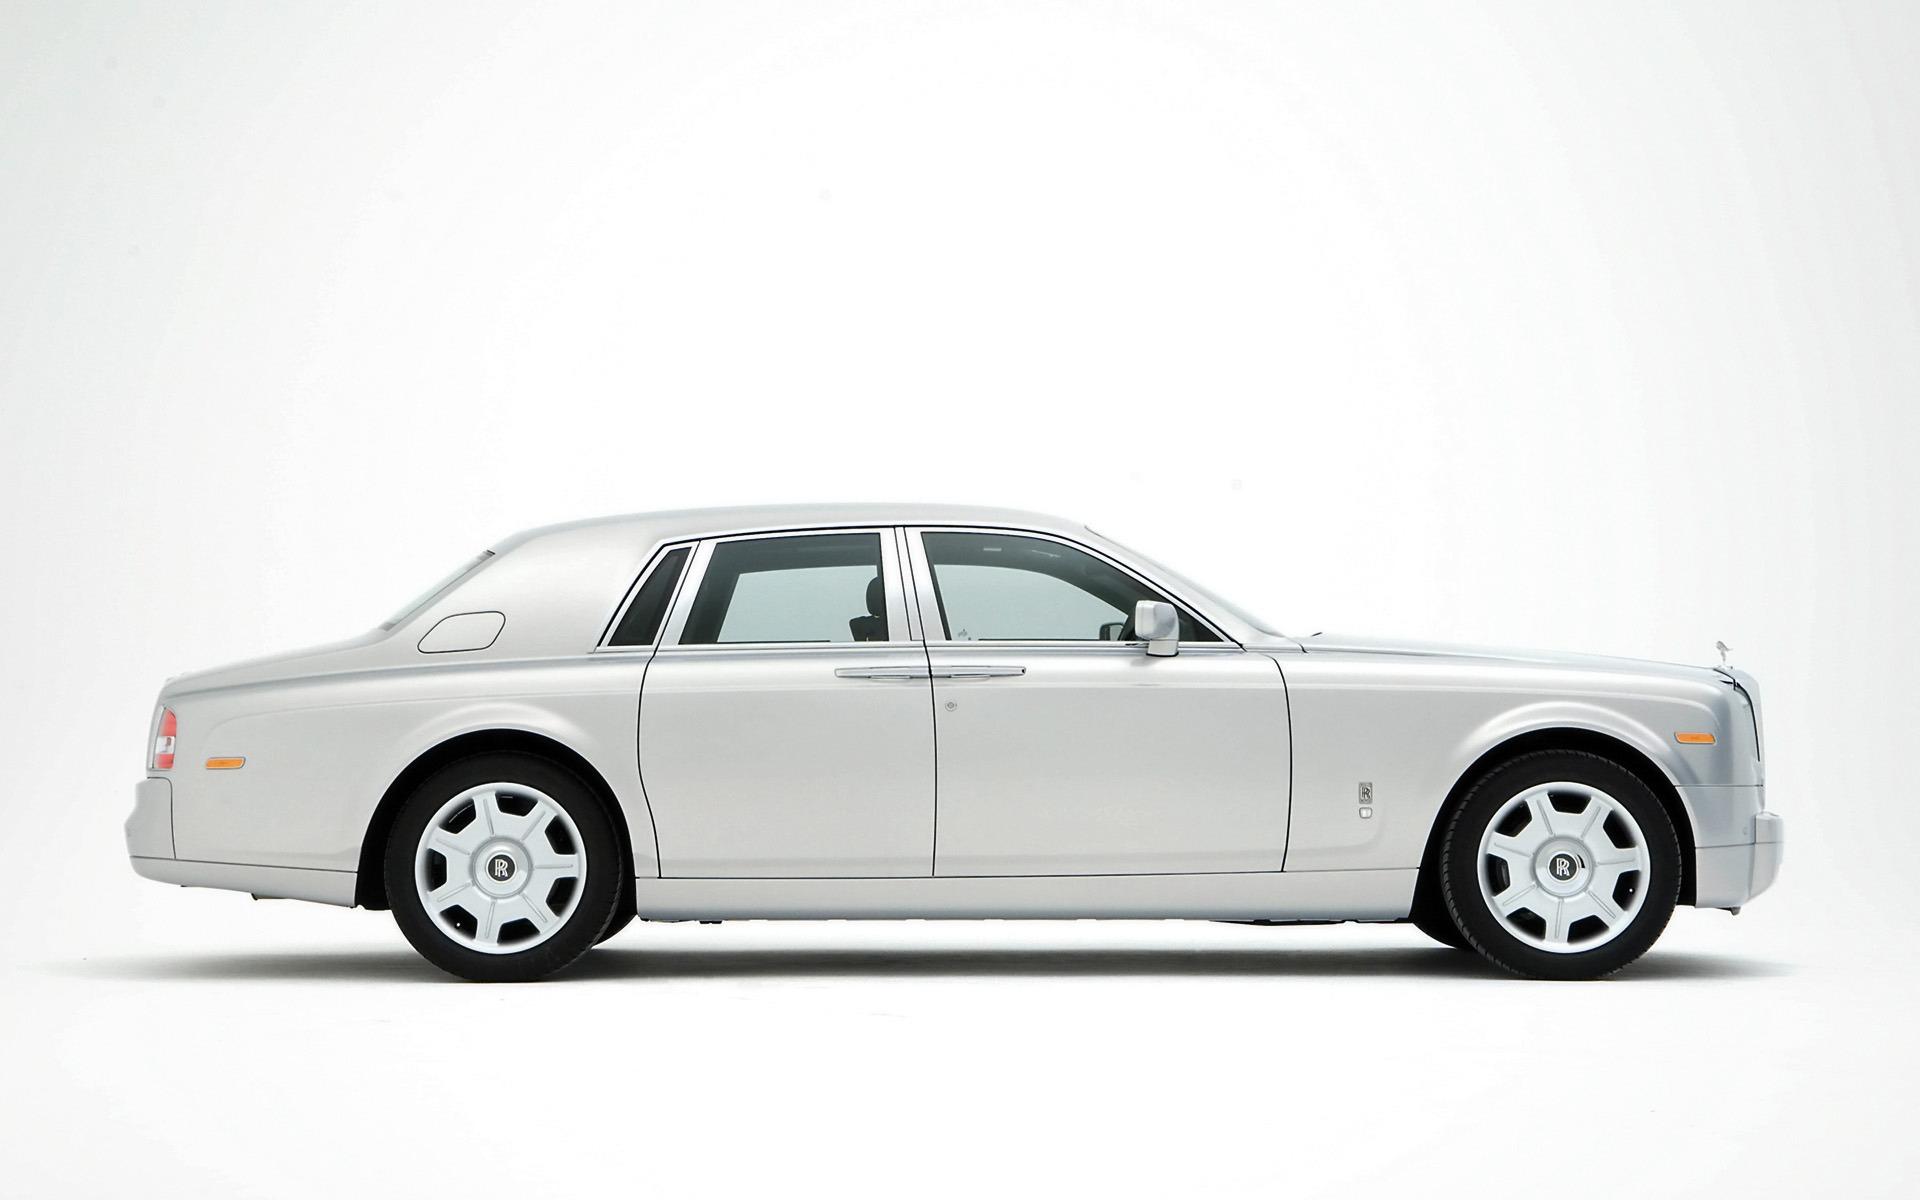 Rolls royce phantom silver side wallpaper rolls royce cars - Royal royce car wallpaper ...